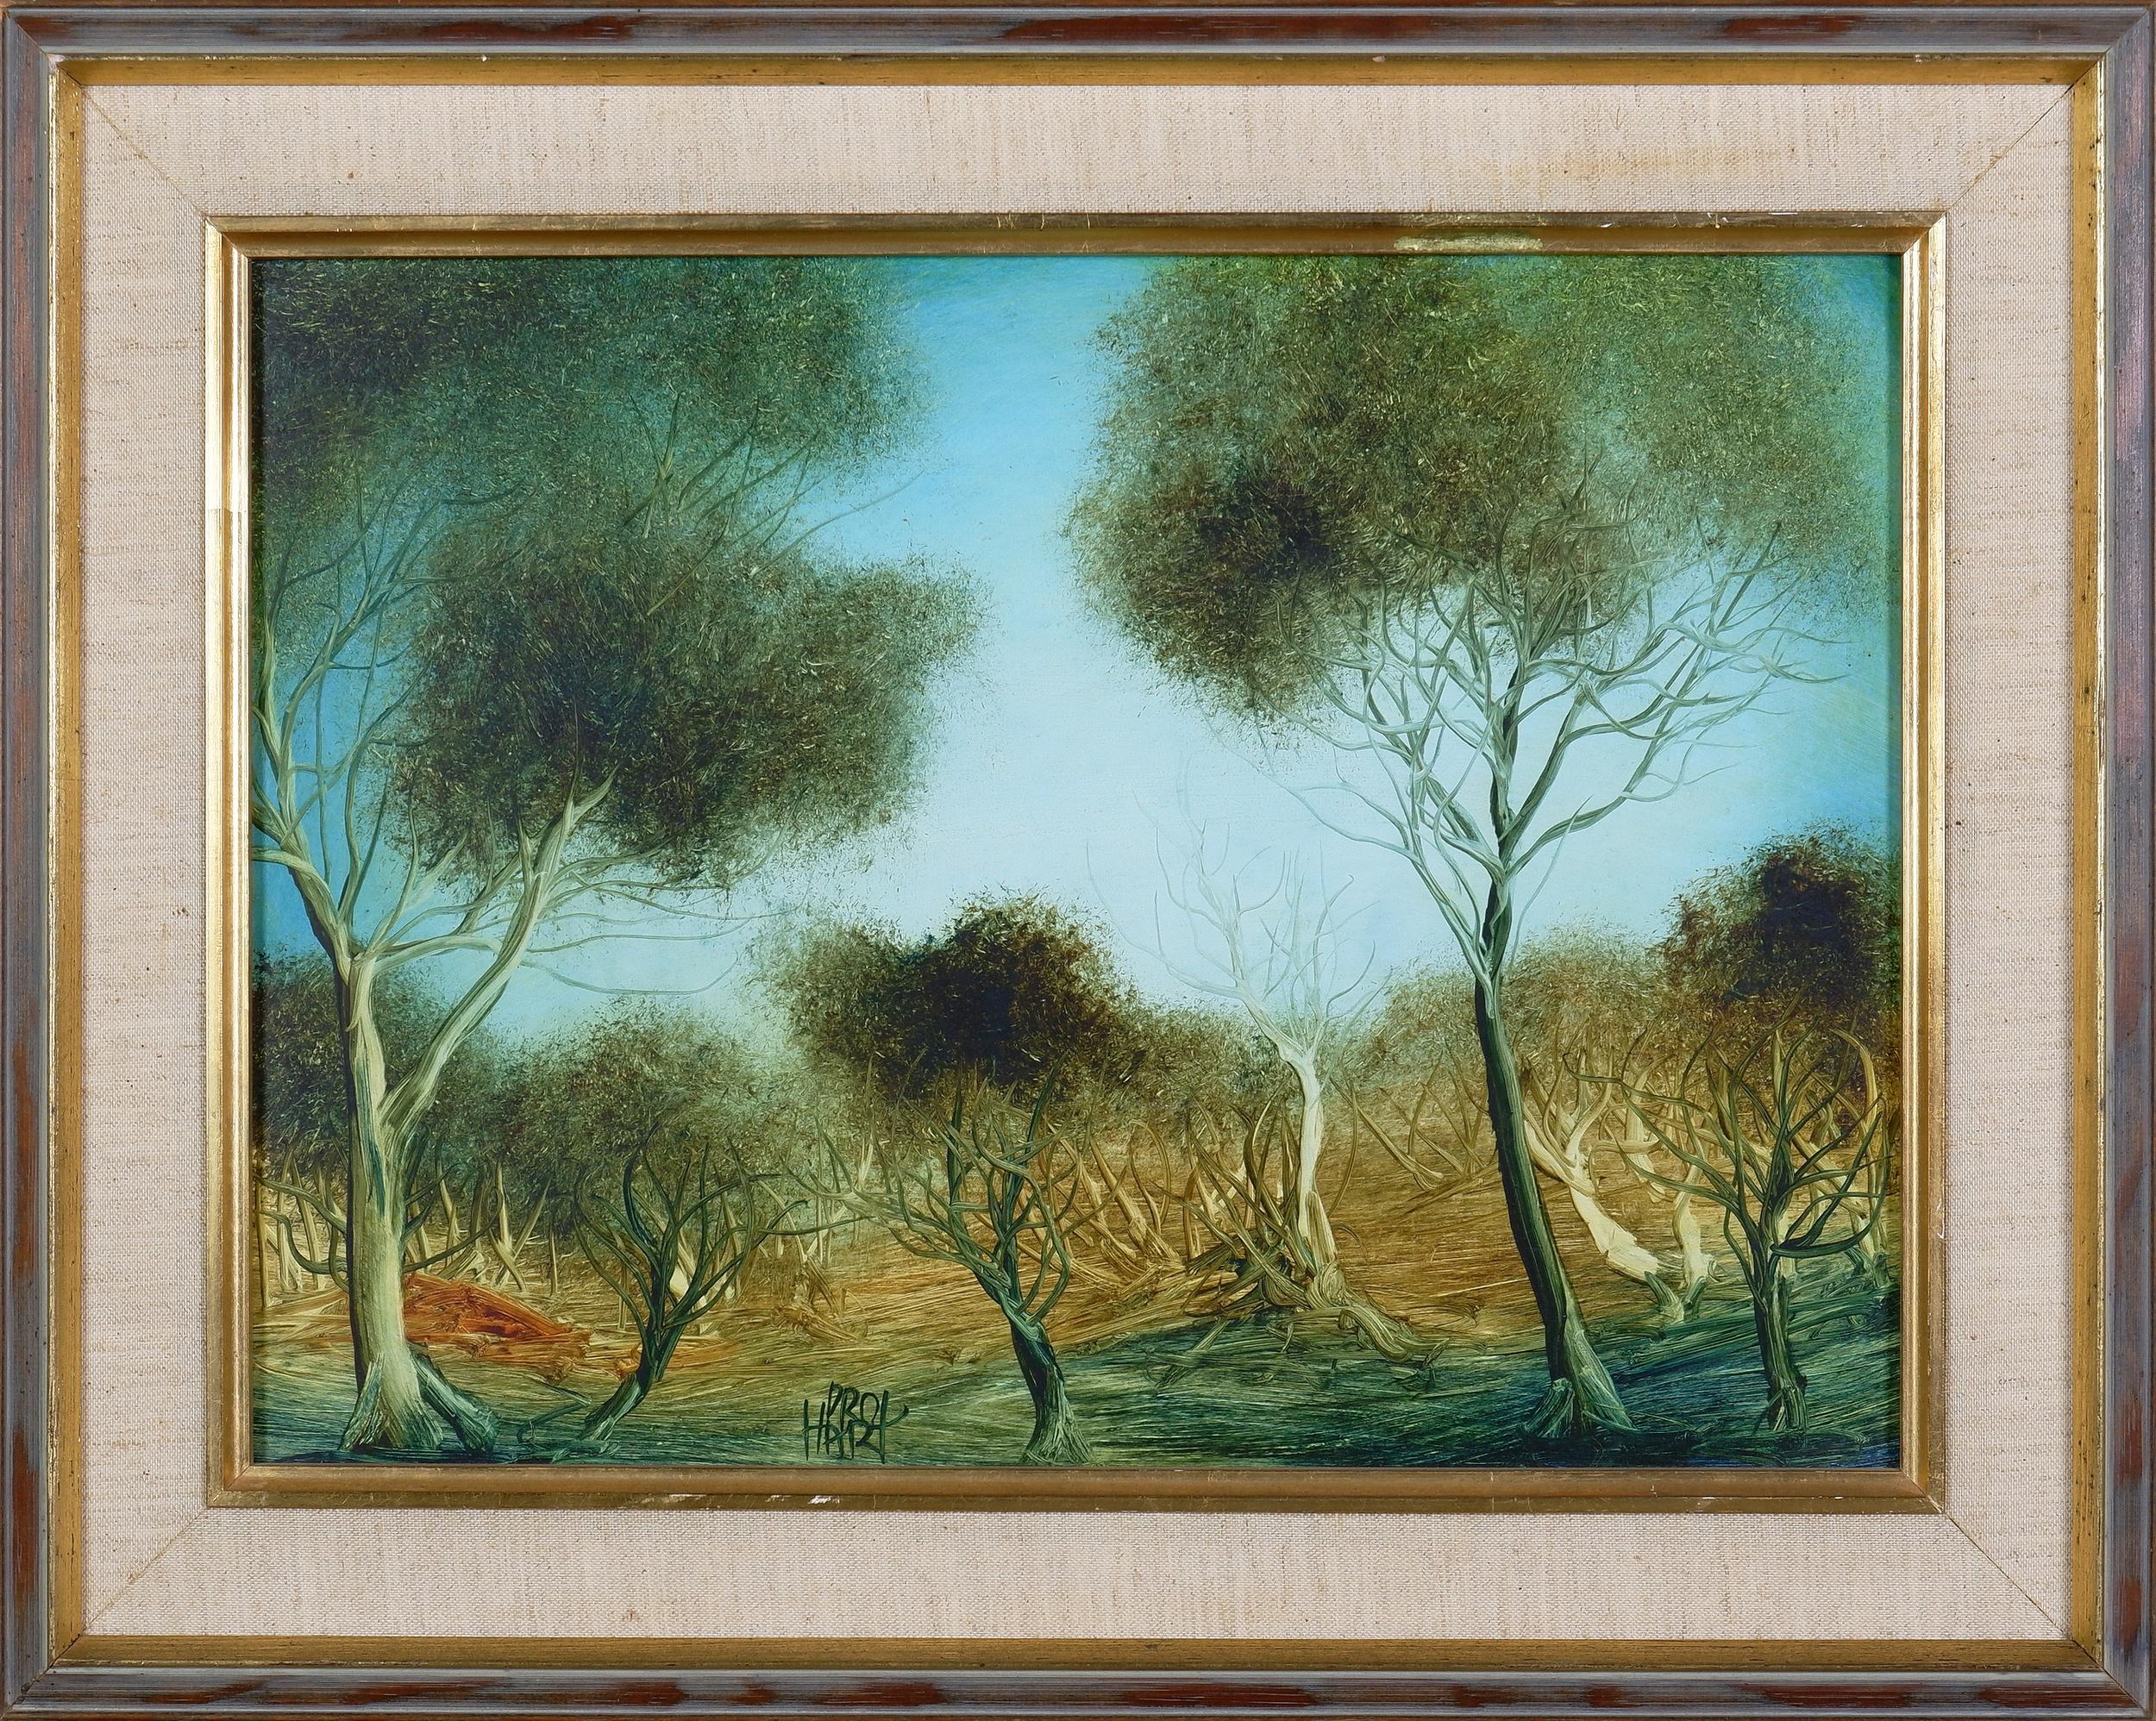 'Pro Hart, Untitled (Landscape), Oil on Board'